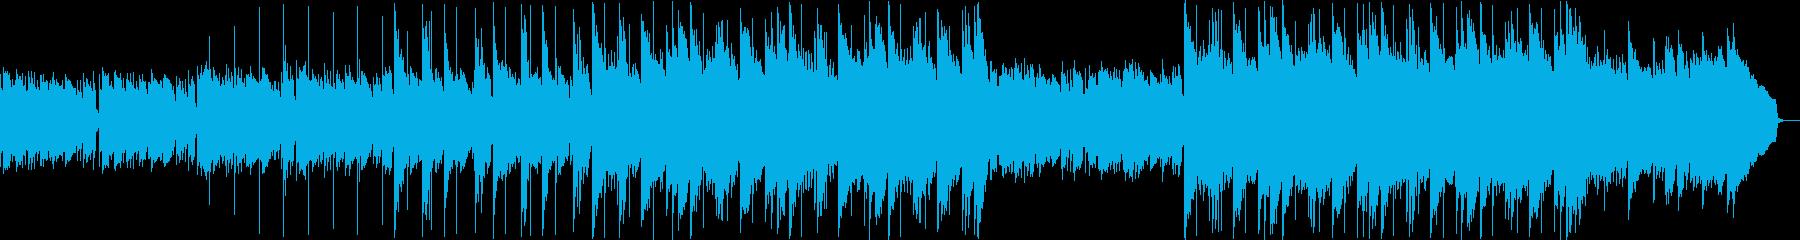 動画 サスペンス 繰り返しの クー...の再生済みの波形